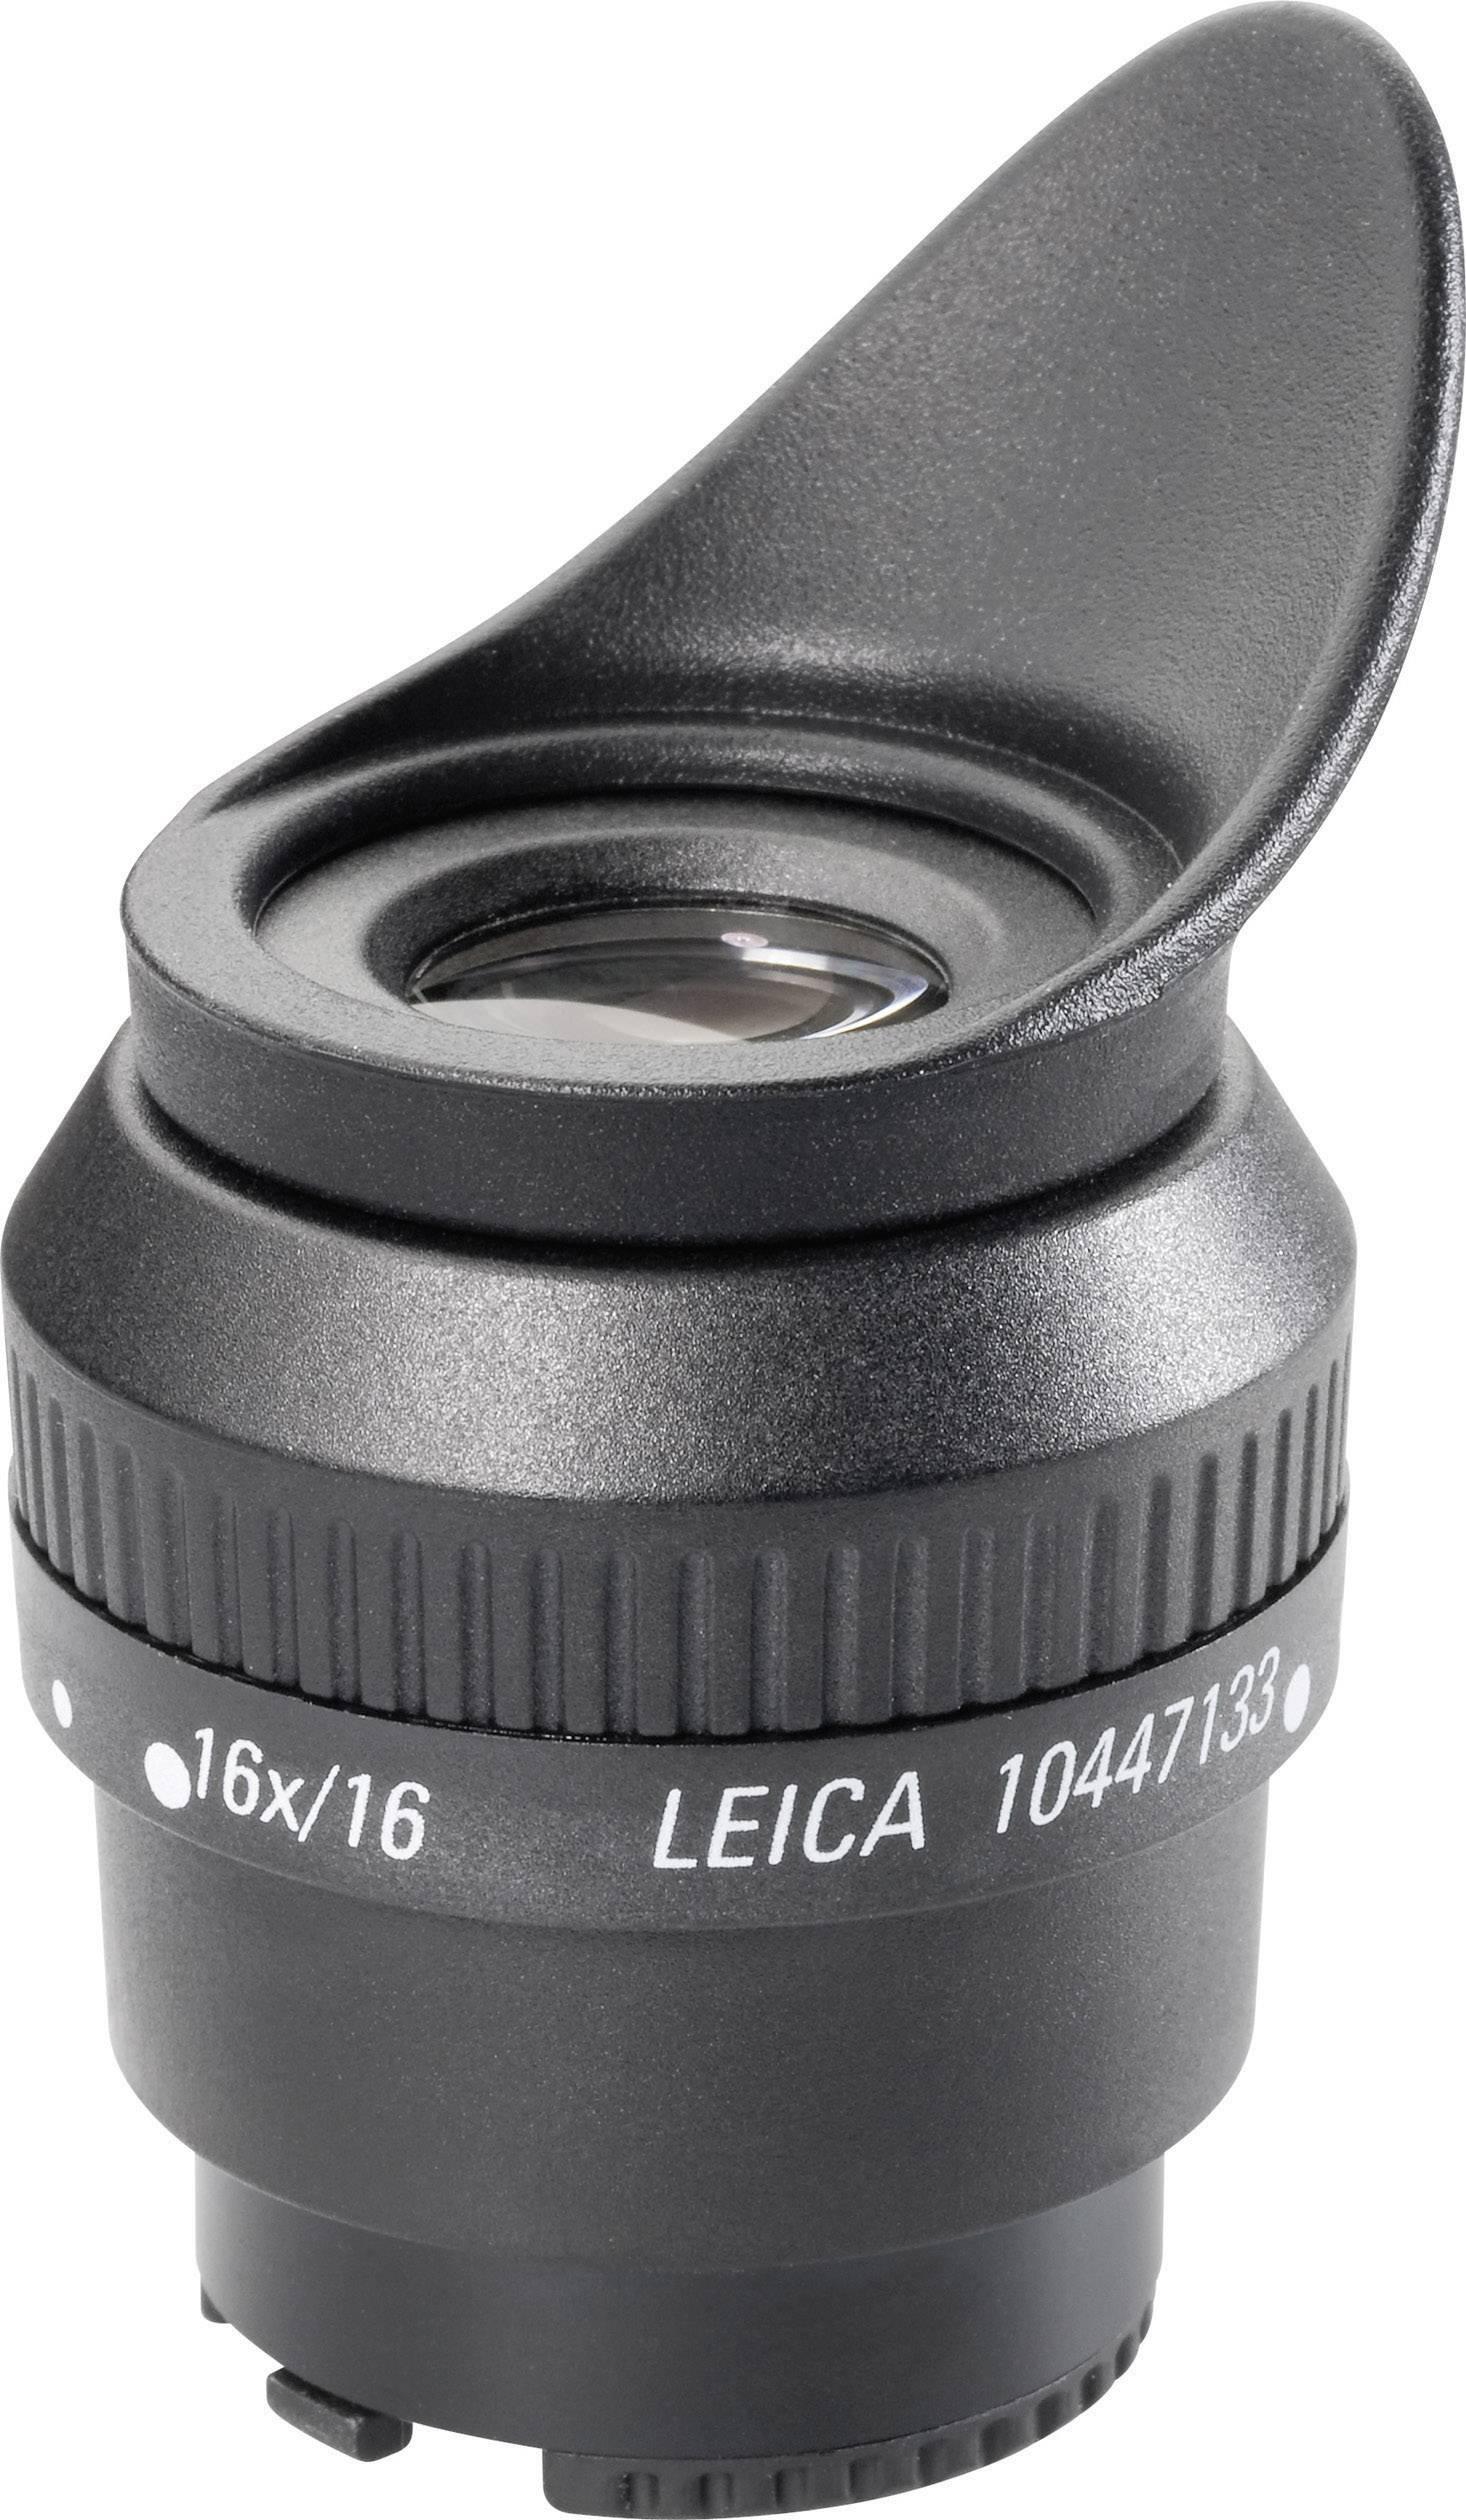 Okuláry 10X/20 Leica, nastavitelné, pro EZ4, 10447282